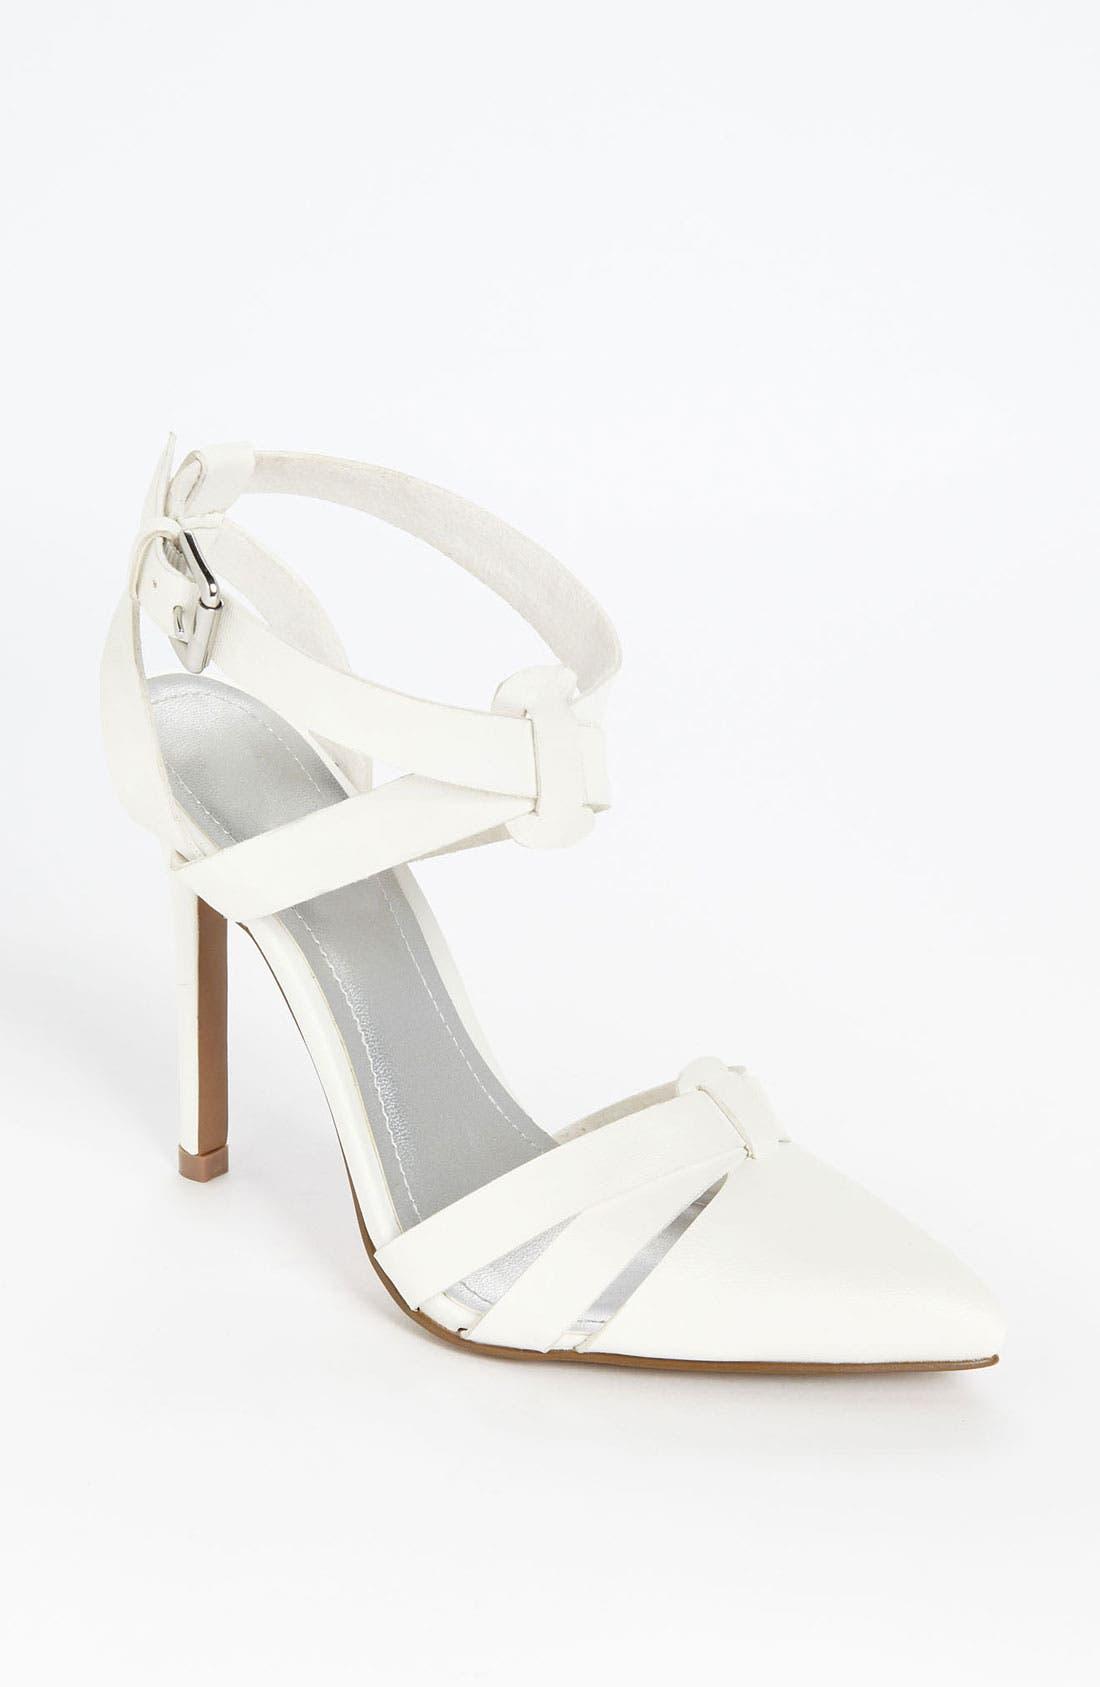 Alternate Image 1 Selected - Tildon 'Risa' Sandal